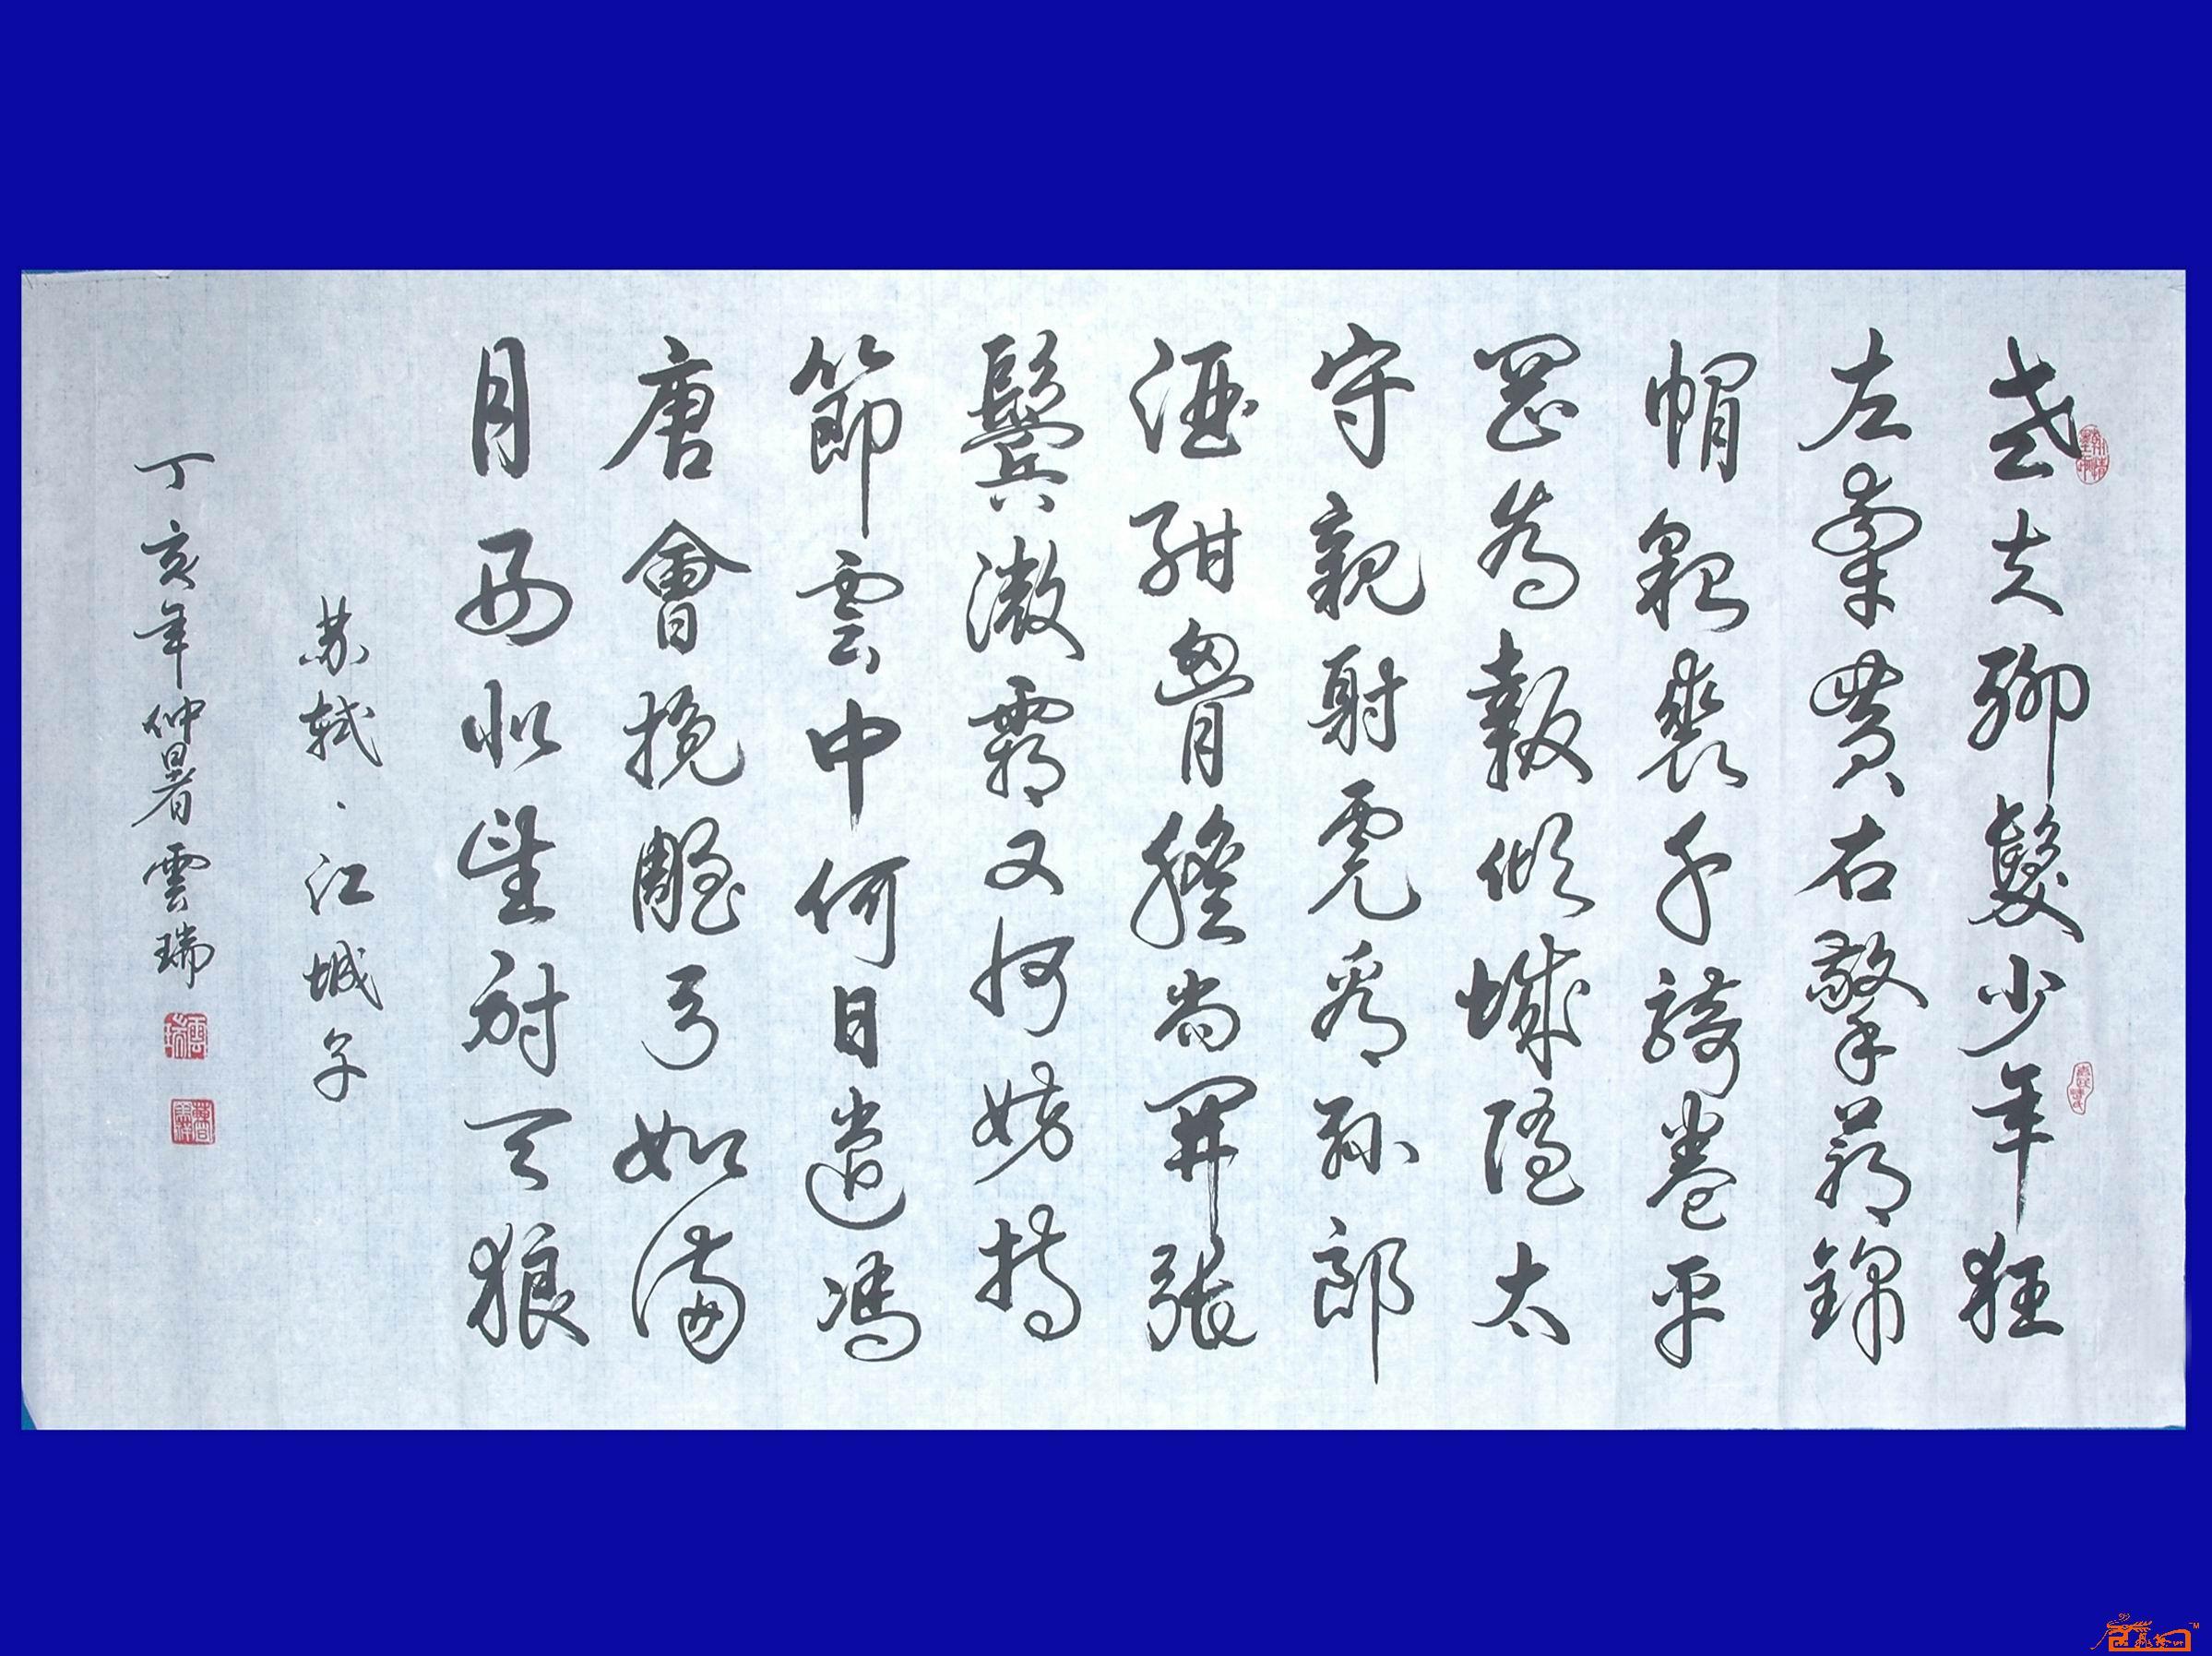 .苏轼 淘宝 名人字画 中国书画服务中心 中国书画销售中心 中国书画拍